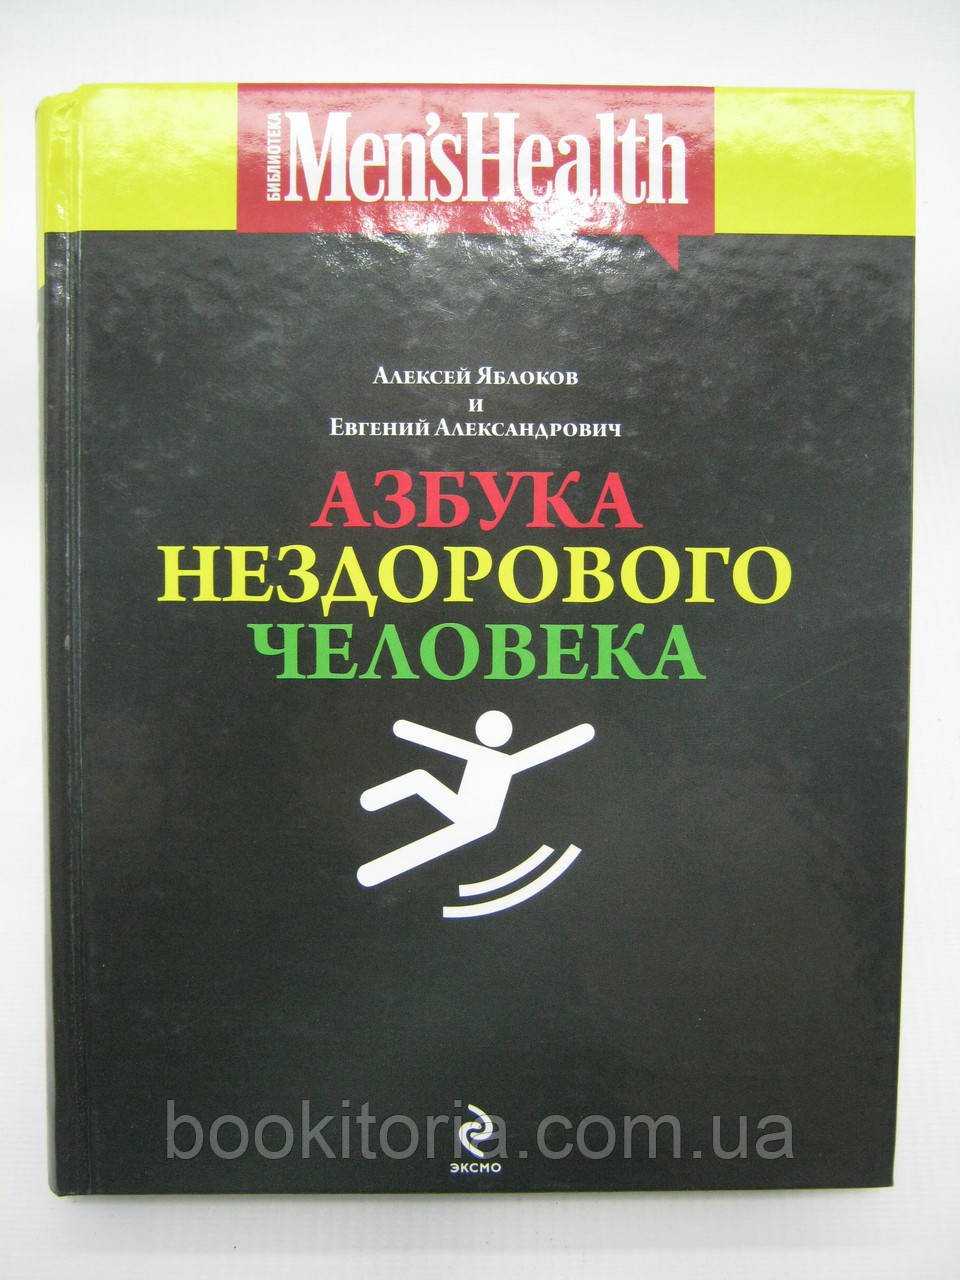 Яблоков А., Александрович Е. Азбука нездорового человека (б/у).